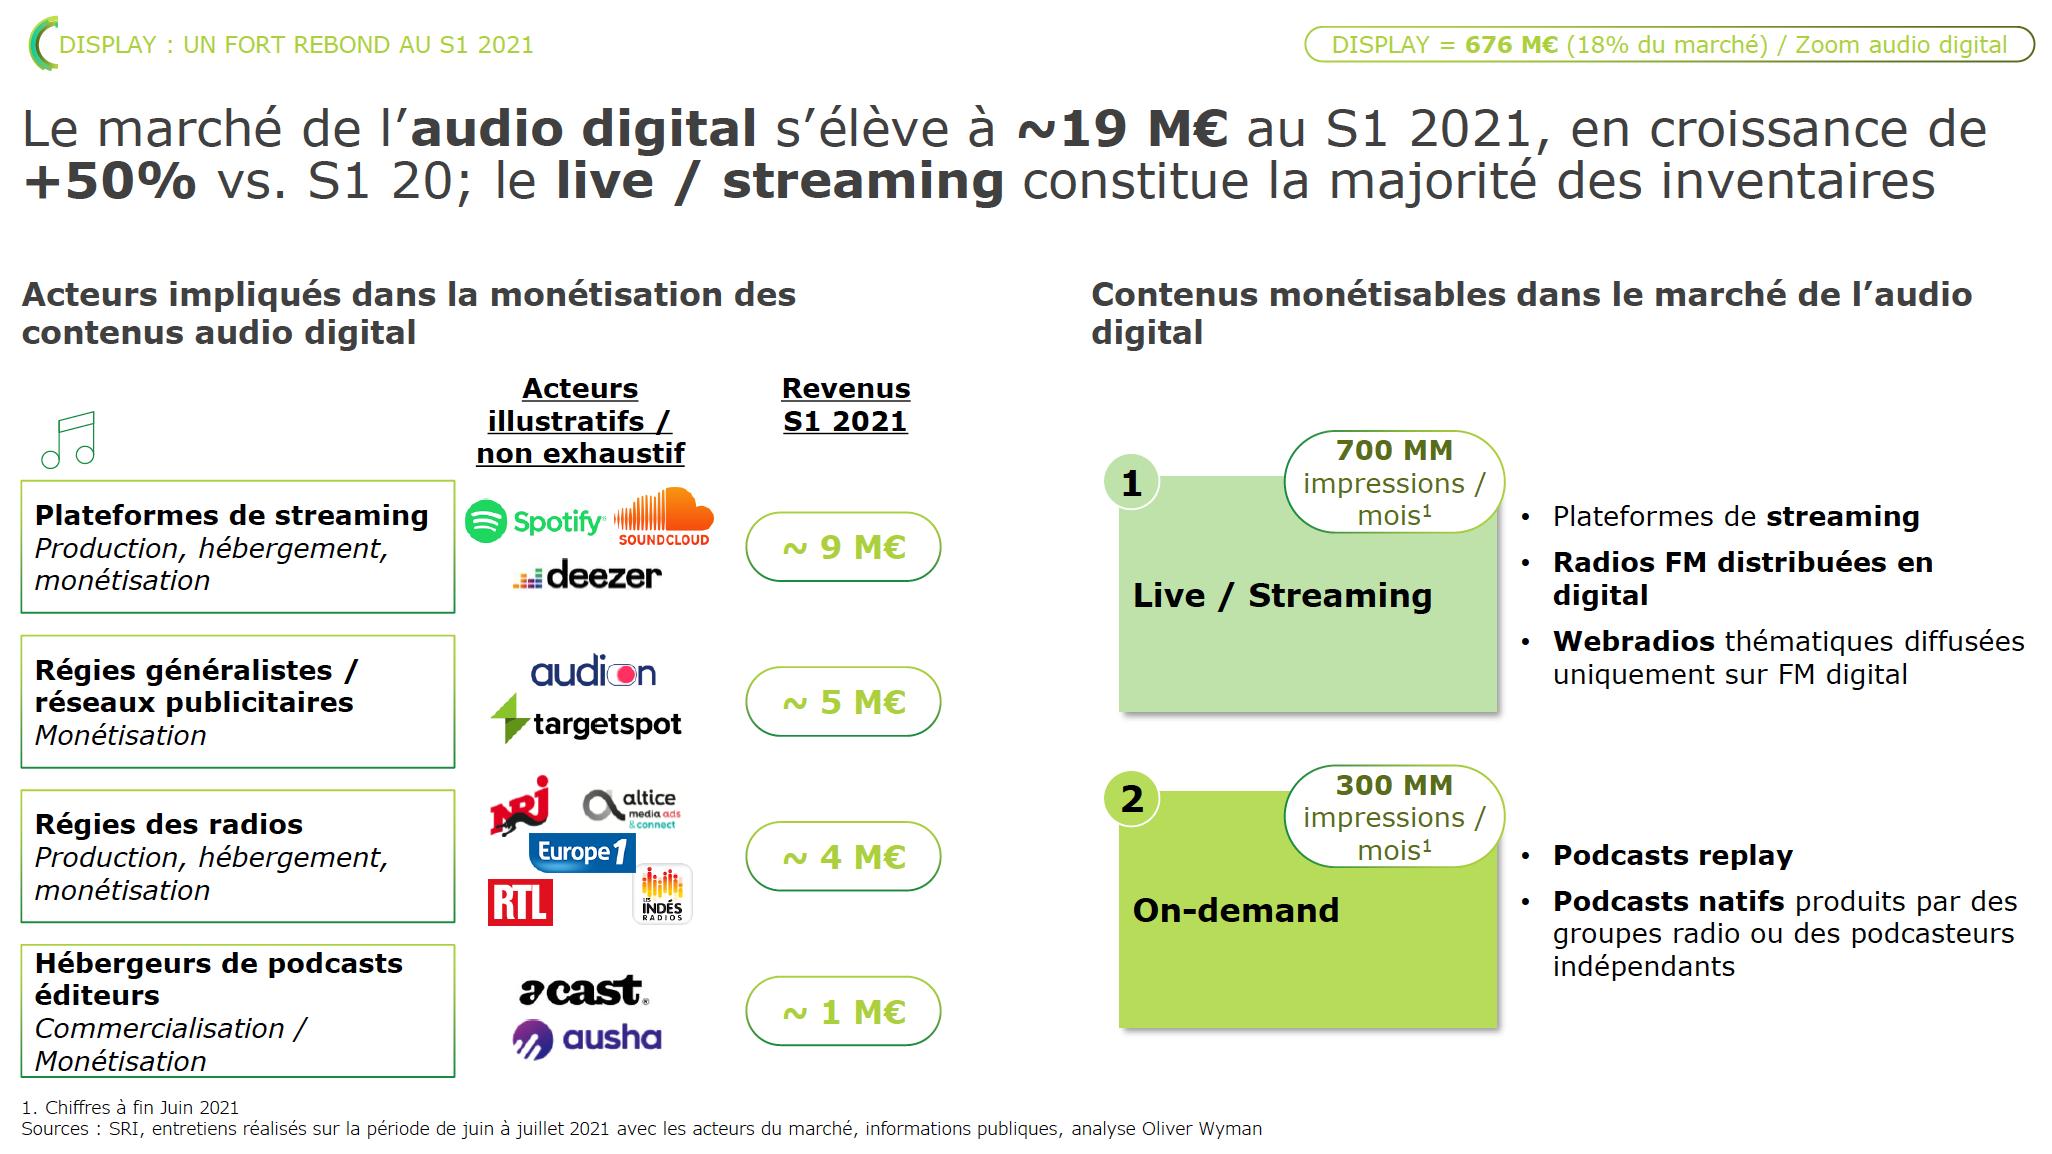 La publicité numérique en forte croissance